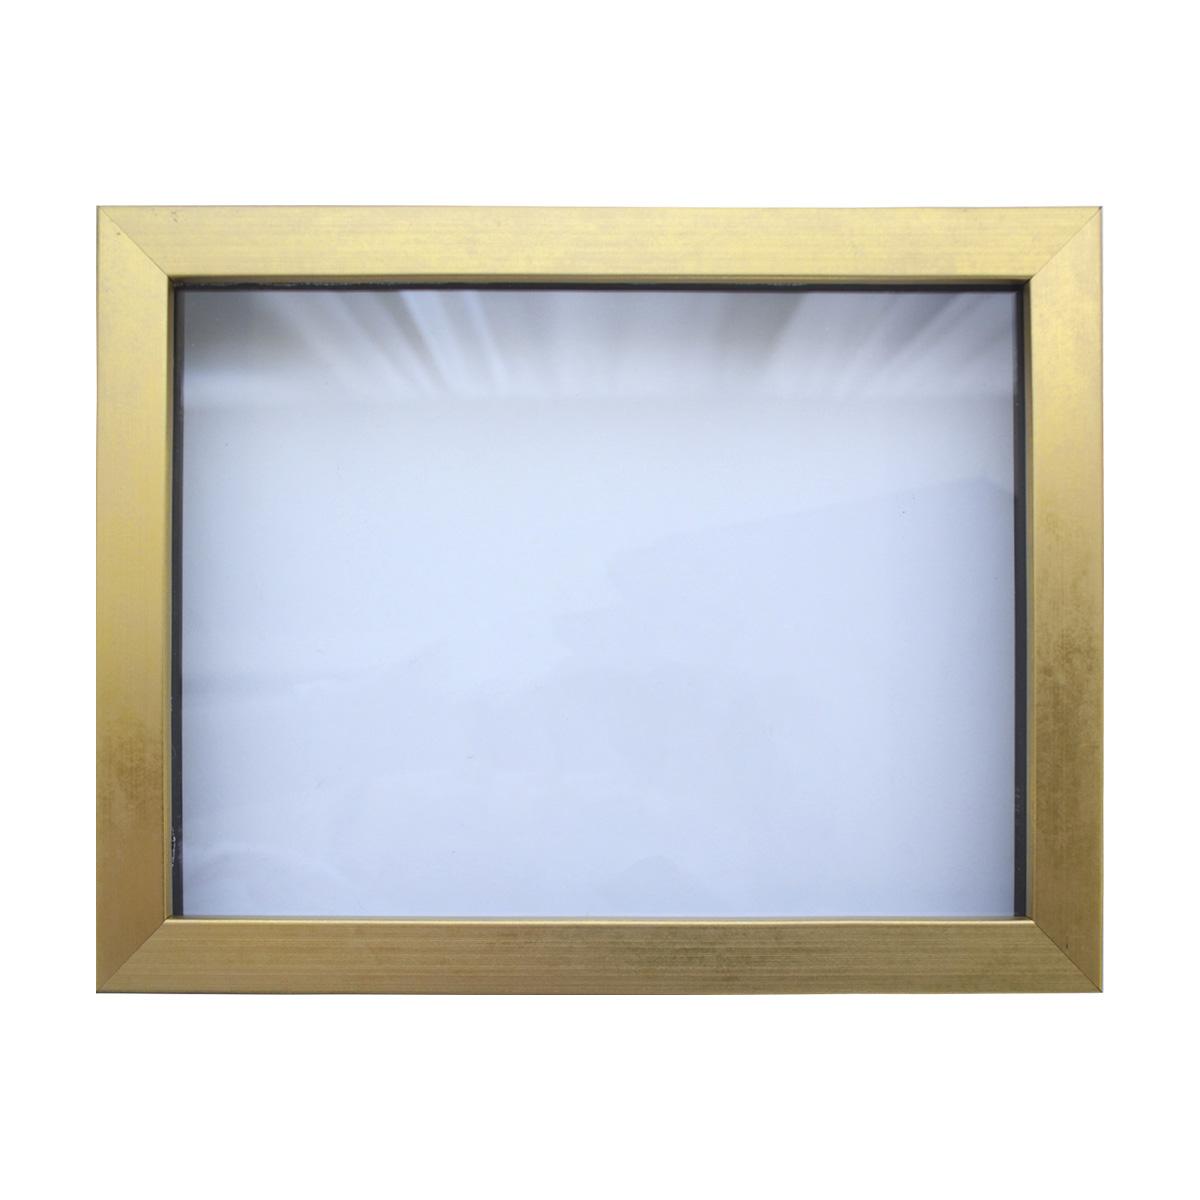 Рама (аквариум) глубокий багет со стеклом с прозрачным дном, цвет: матовое золото, 18х24 см. RAM11101843407Рамы предназначены для оформления картин, фотографий. Обрамленные такой рамкой работы, сразу же преображаются и приобретают завершенный вид.